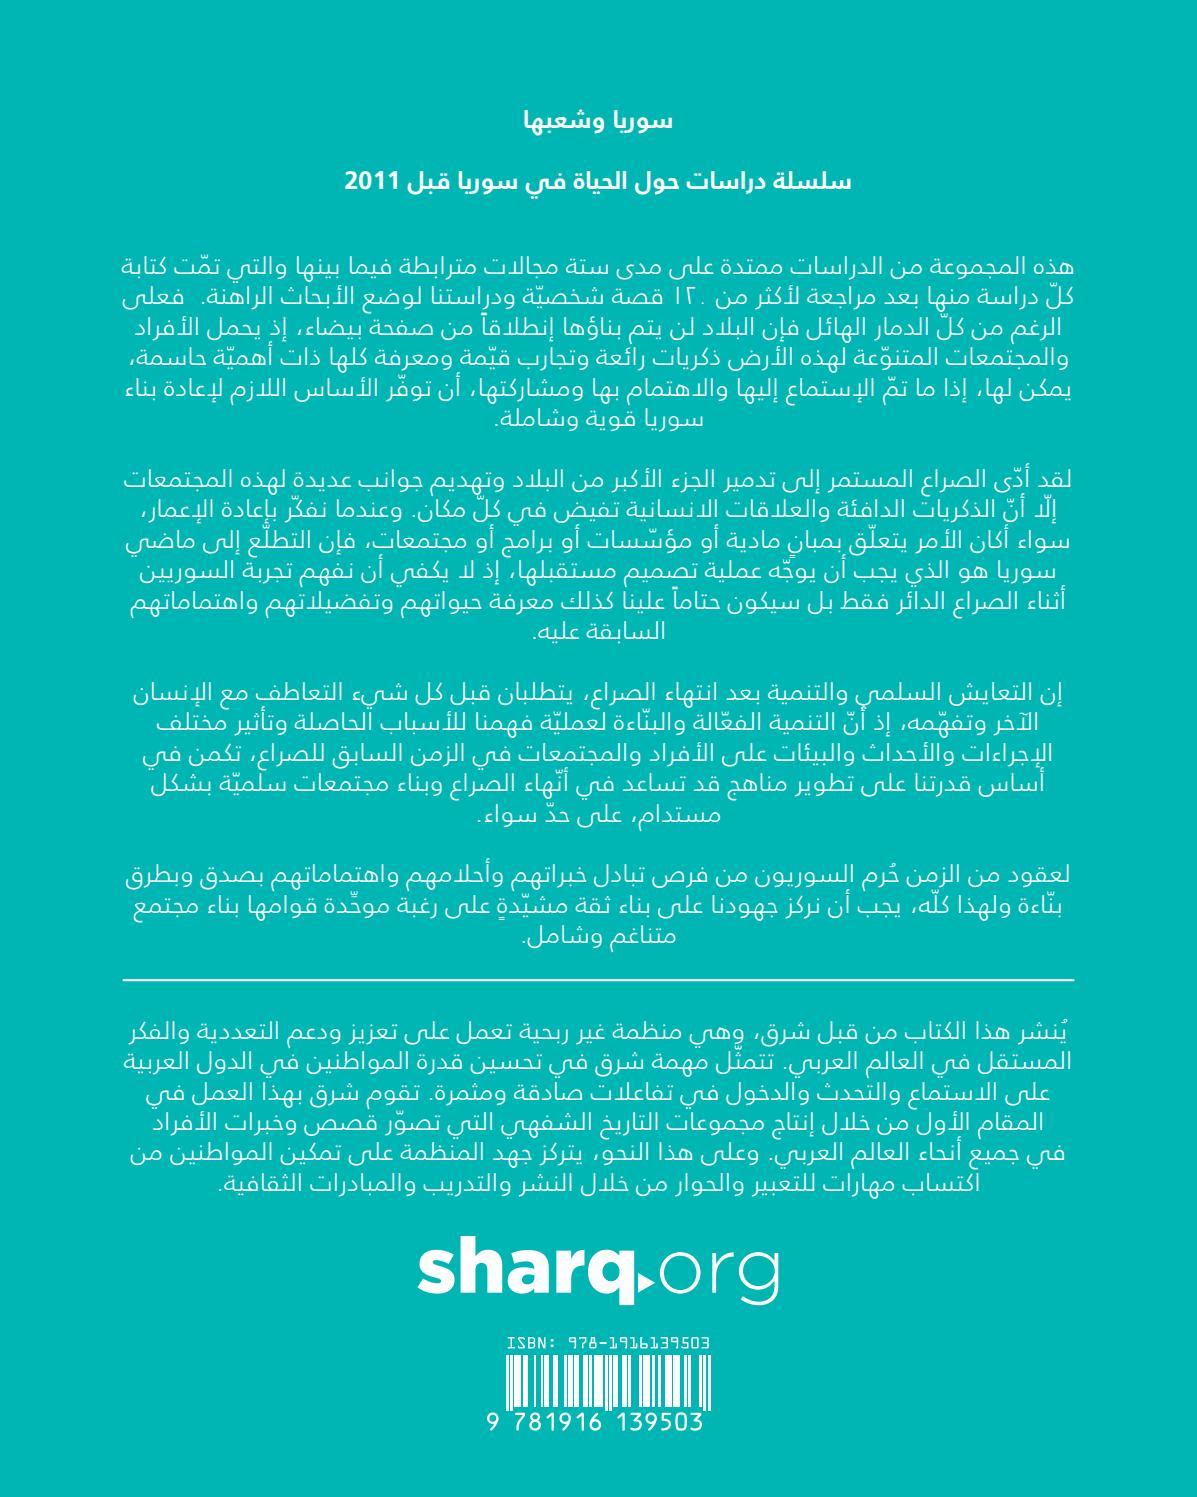 سوريا وشعبها - سلسلة دراسات حول الحياة في سوريا قبل 2011 by Sharq ...